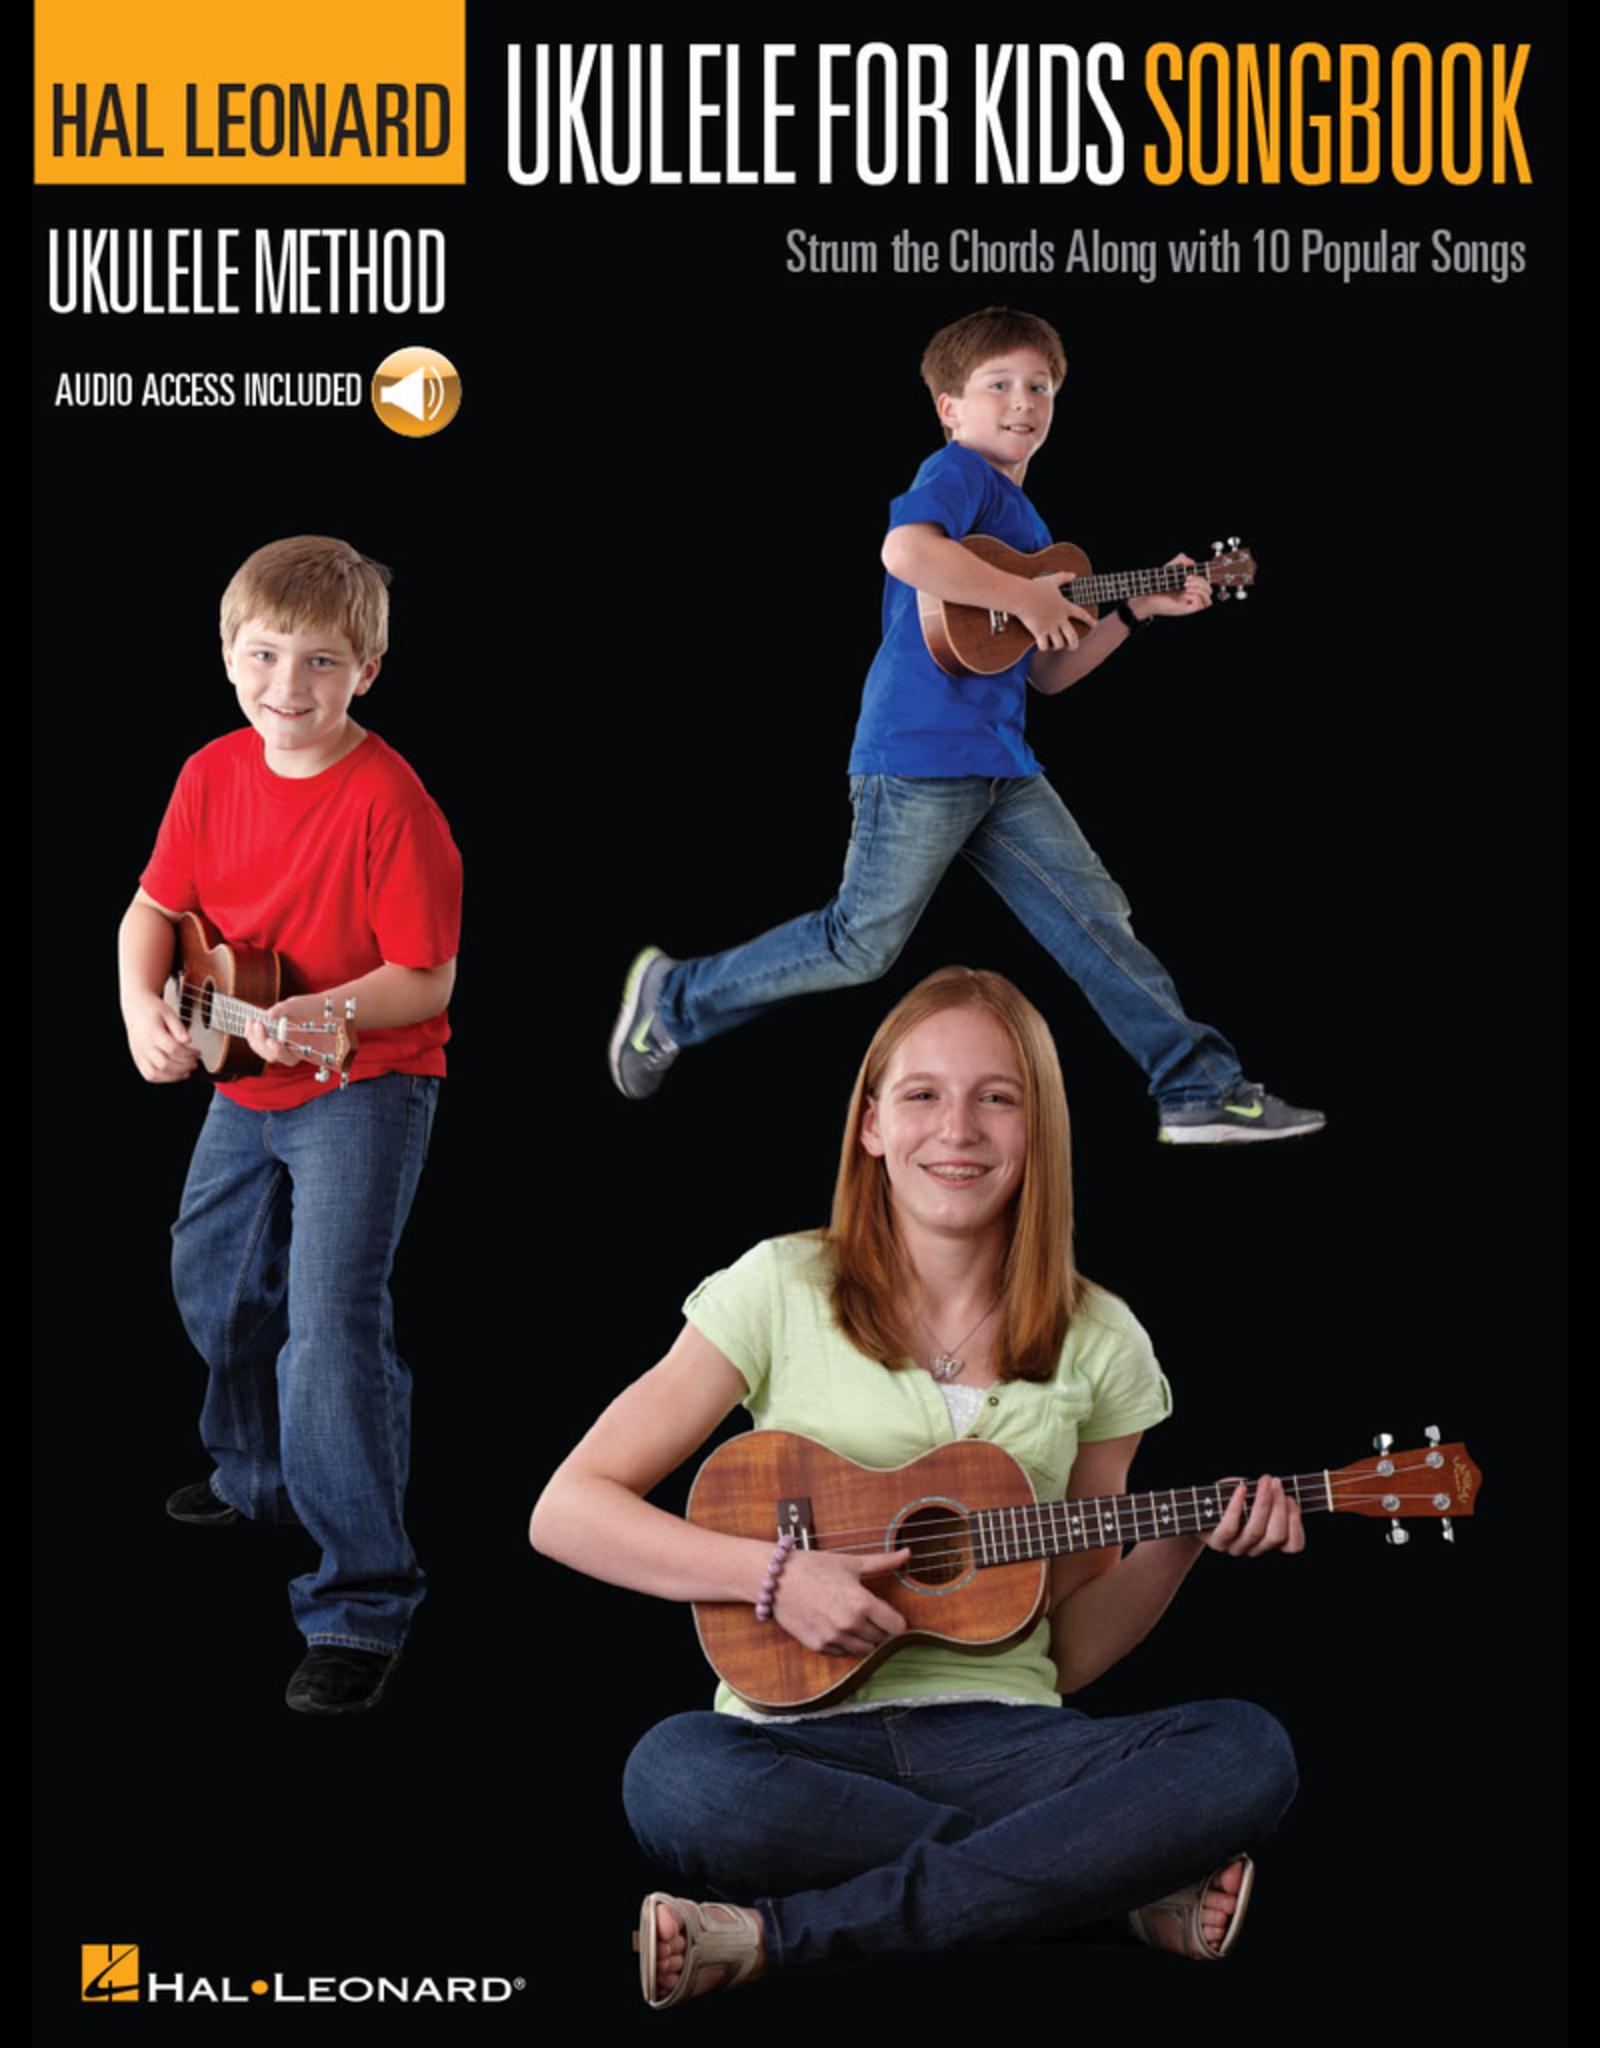 Hal Leonard Ukulele for Kids Songbook - Hal Leonard Ukulele Method